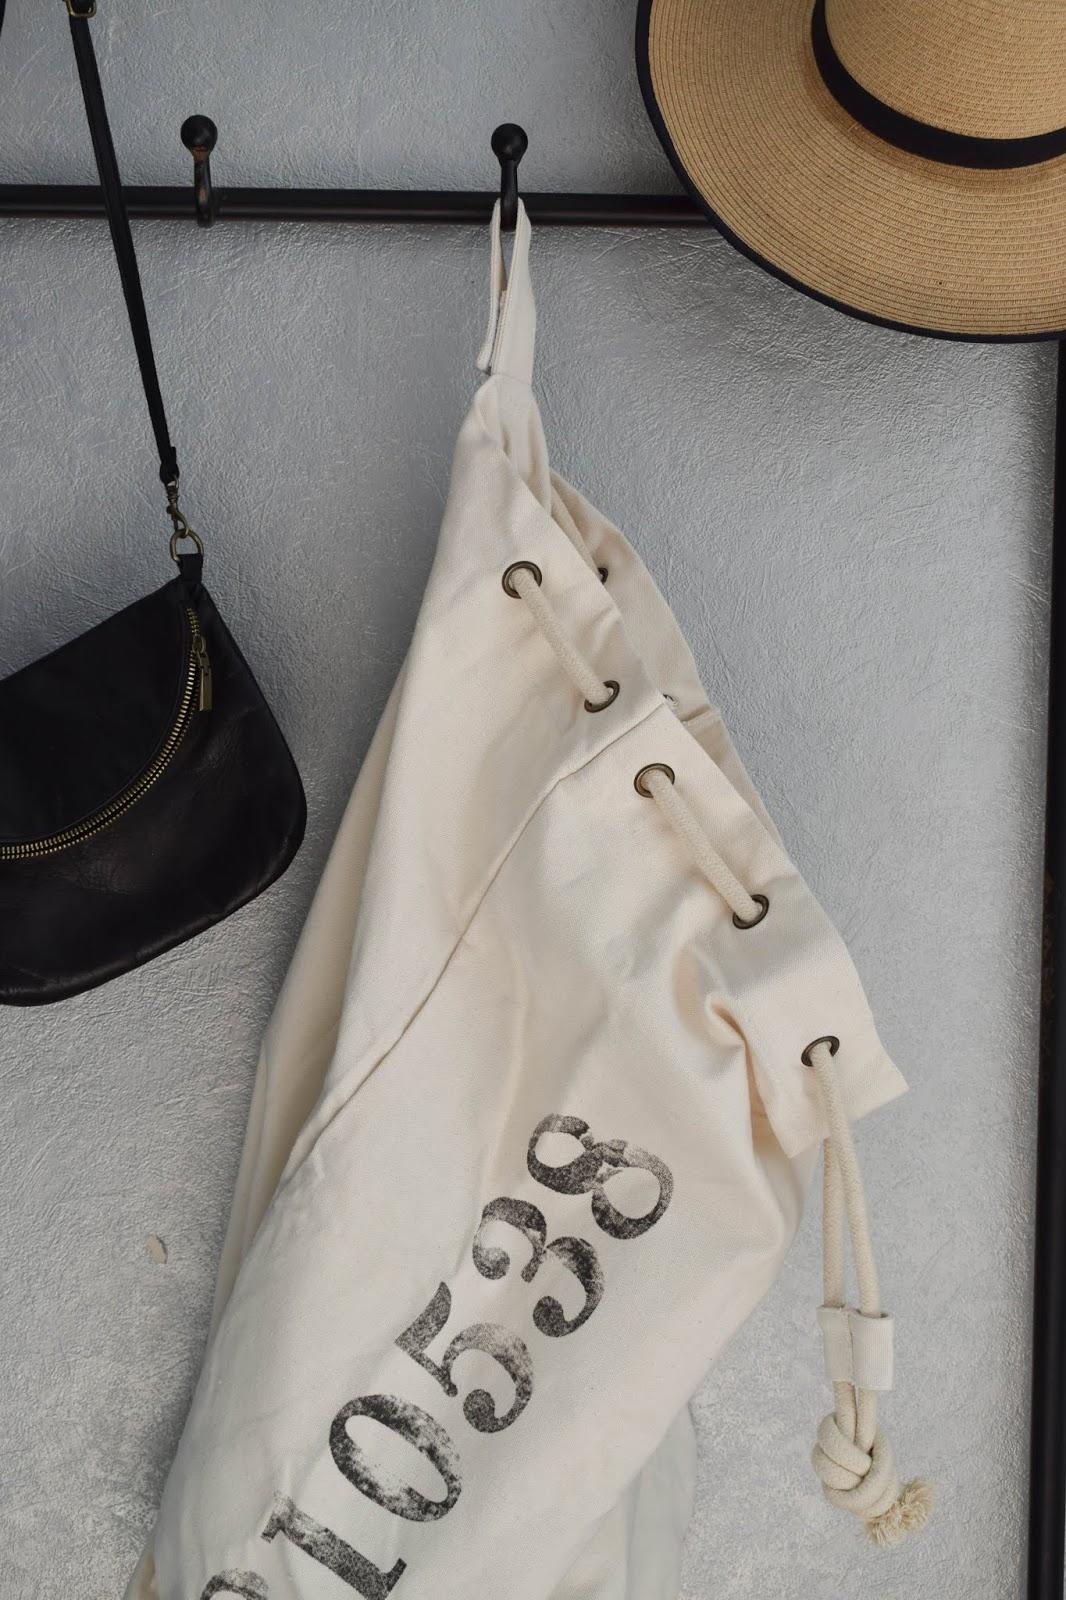 Garderobe Diele Flur Eingangsbereich Deko Dekoidee Interior Einrichtung WENKO Wäschesammler Wäschesack Aufbewahrung Werbung 2